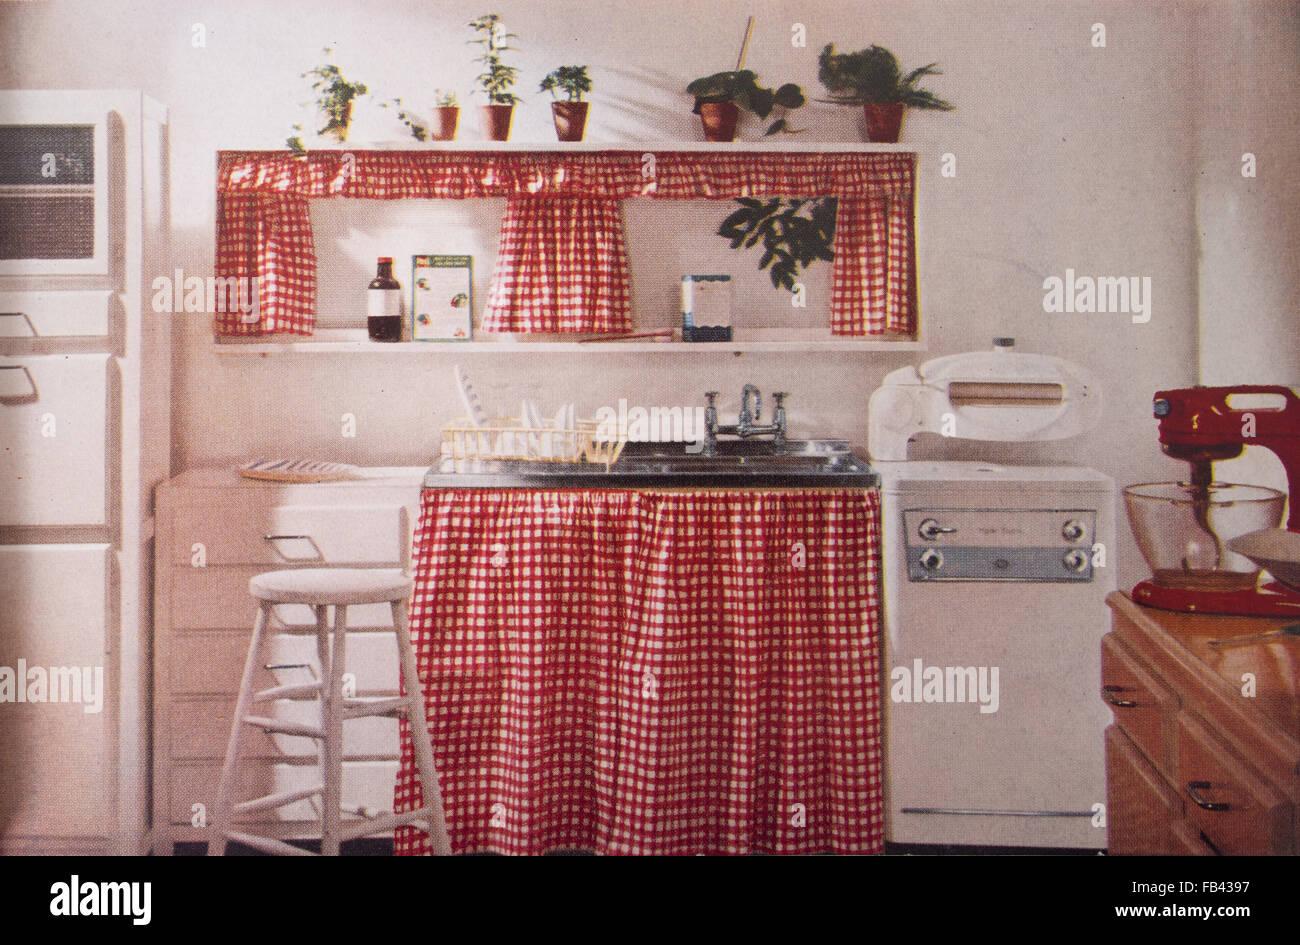 Stampe Da Cucina : Grembiuli da cucina in vetro con stampa fotografica